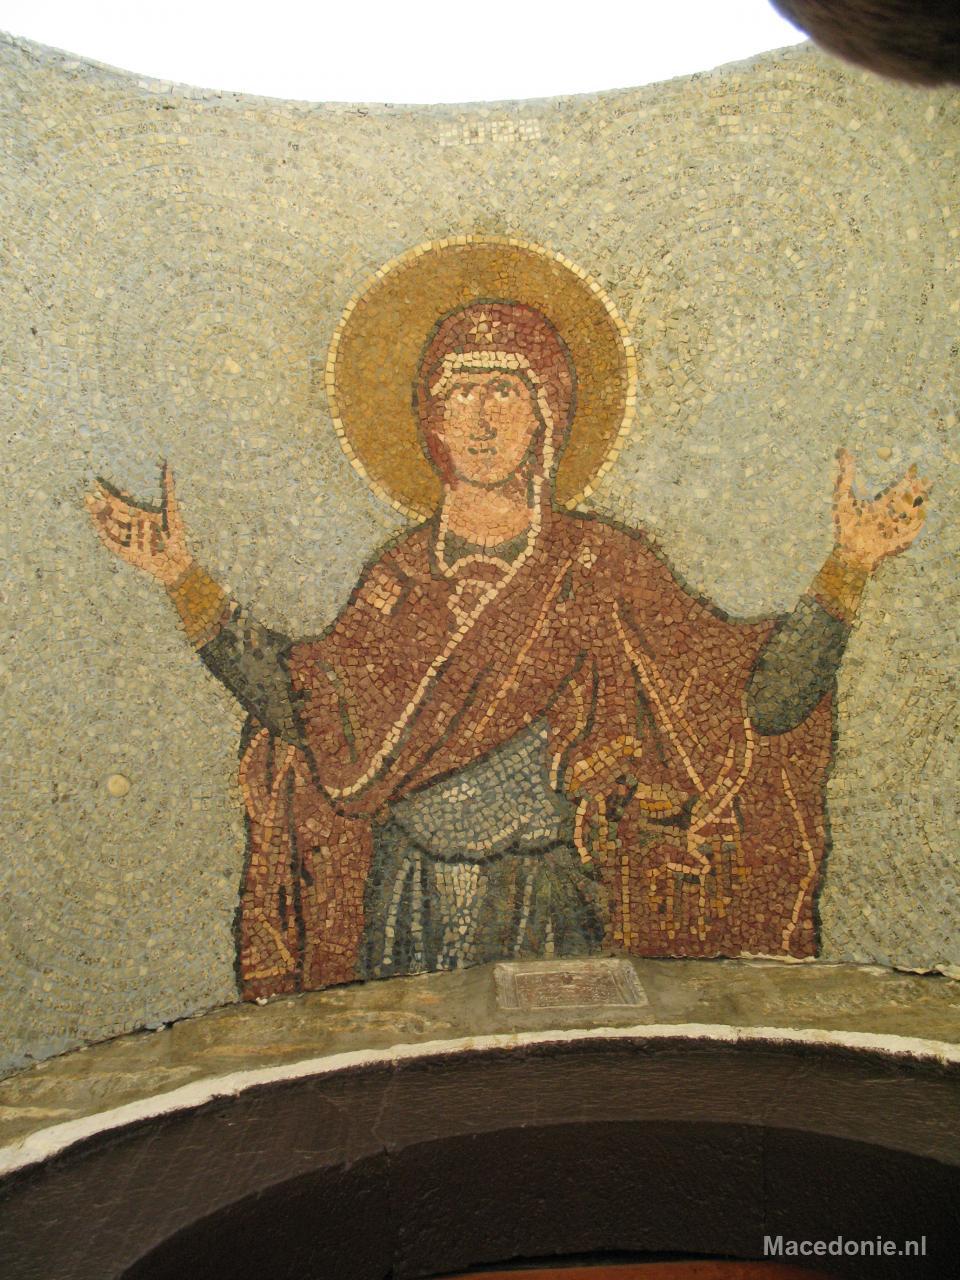 Mozaek van Heilige